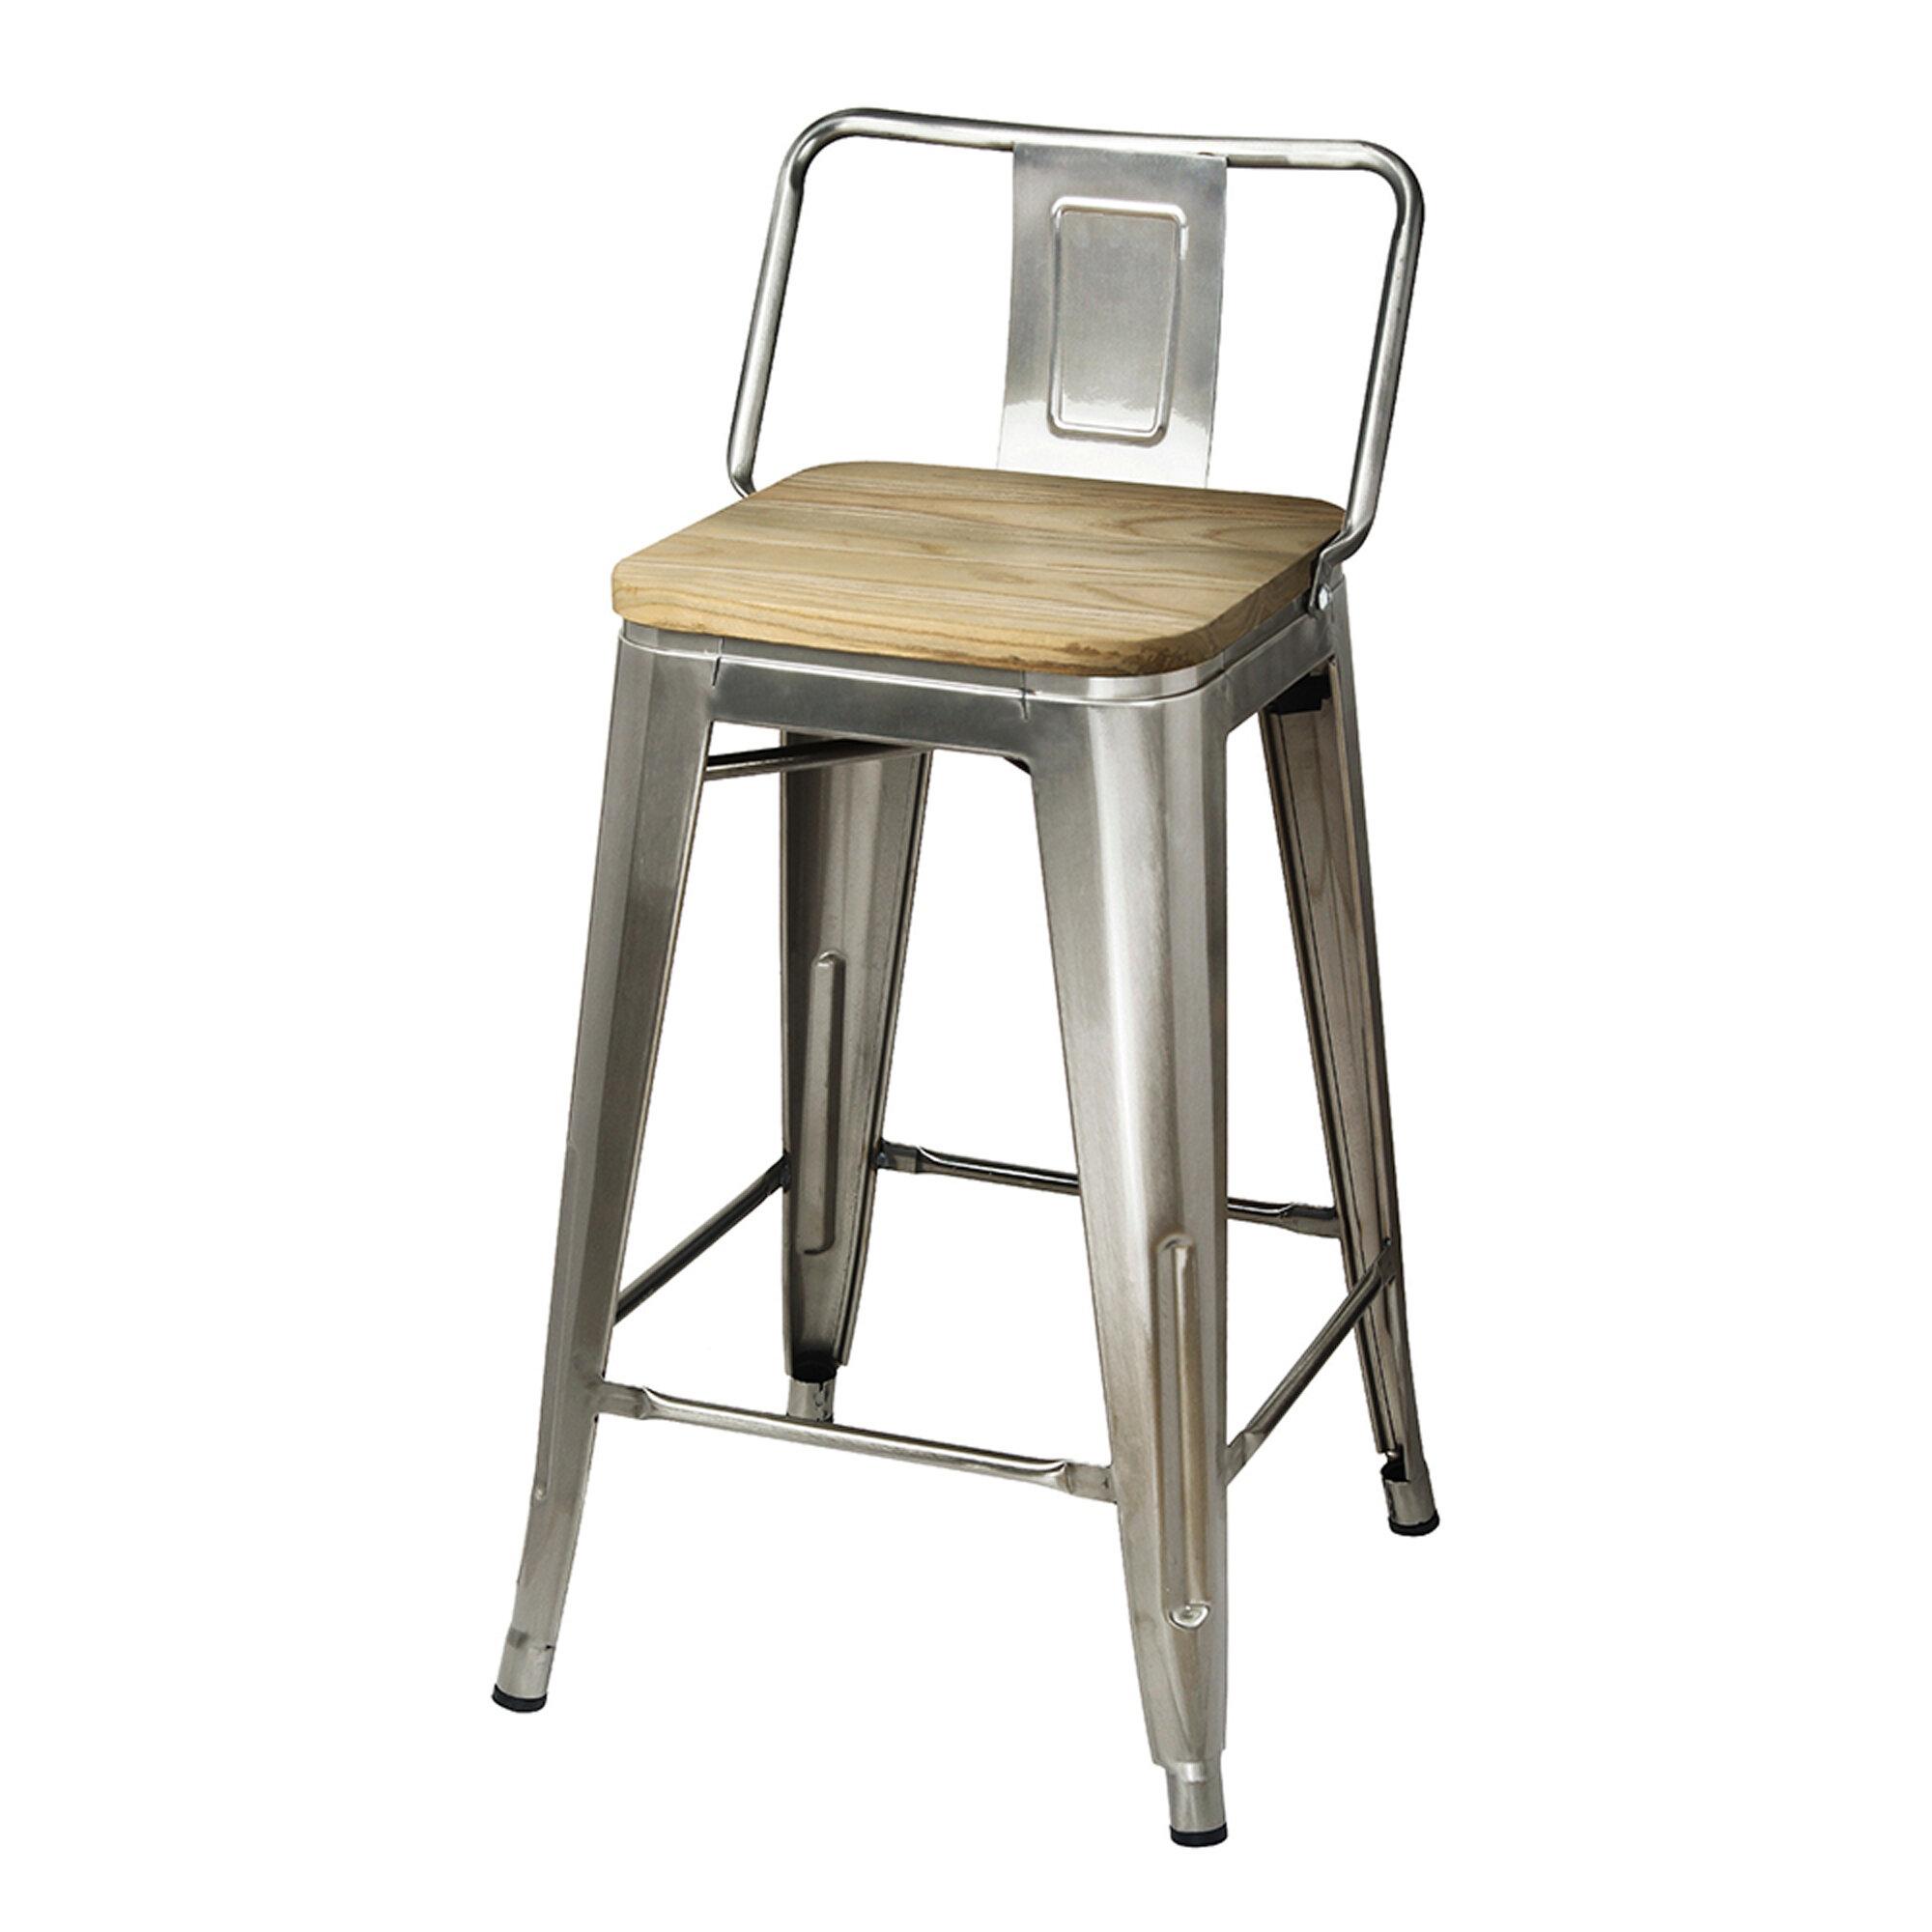 Sensational Mcraney 24 Bar Stool Beatyapartments Chair Design Images Beatyapartmentscom